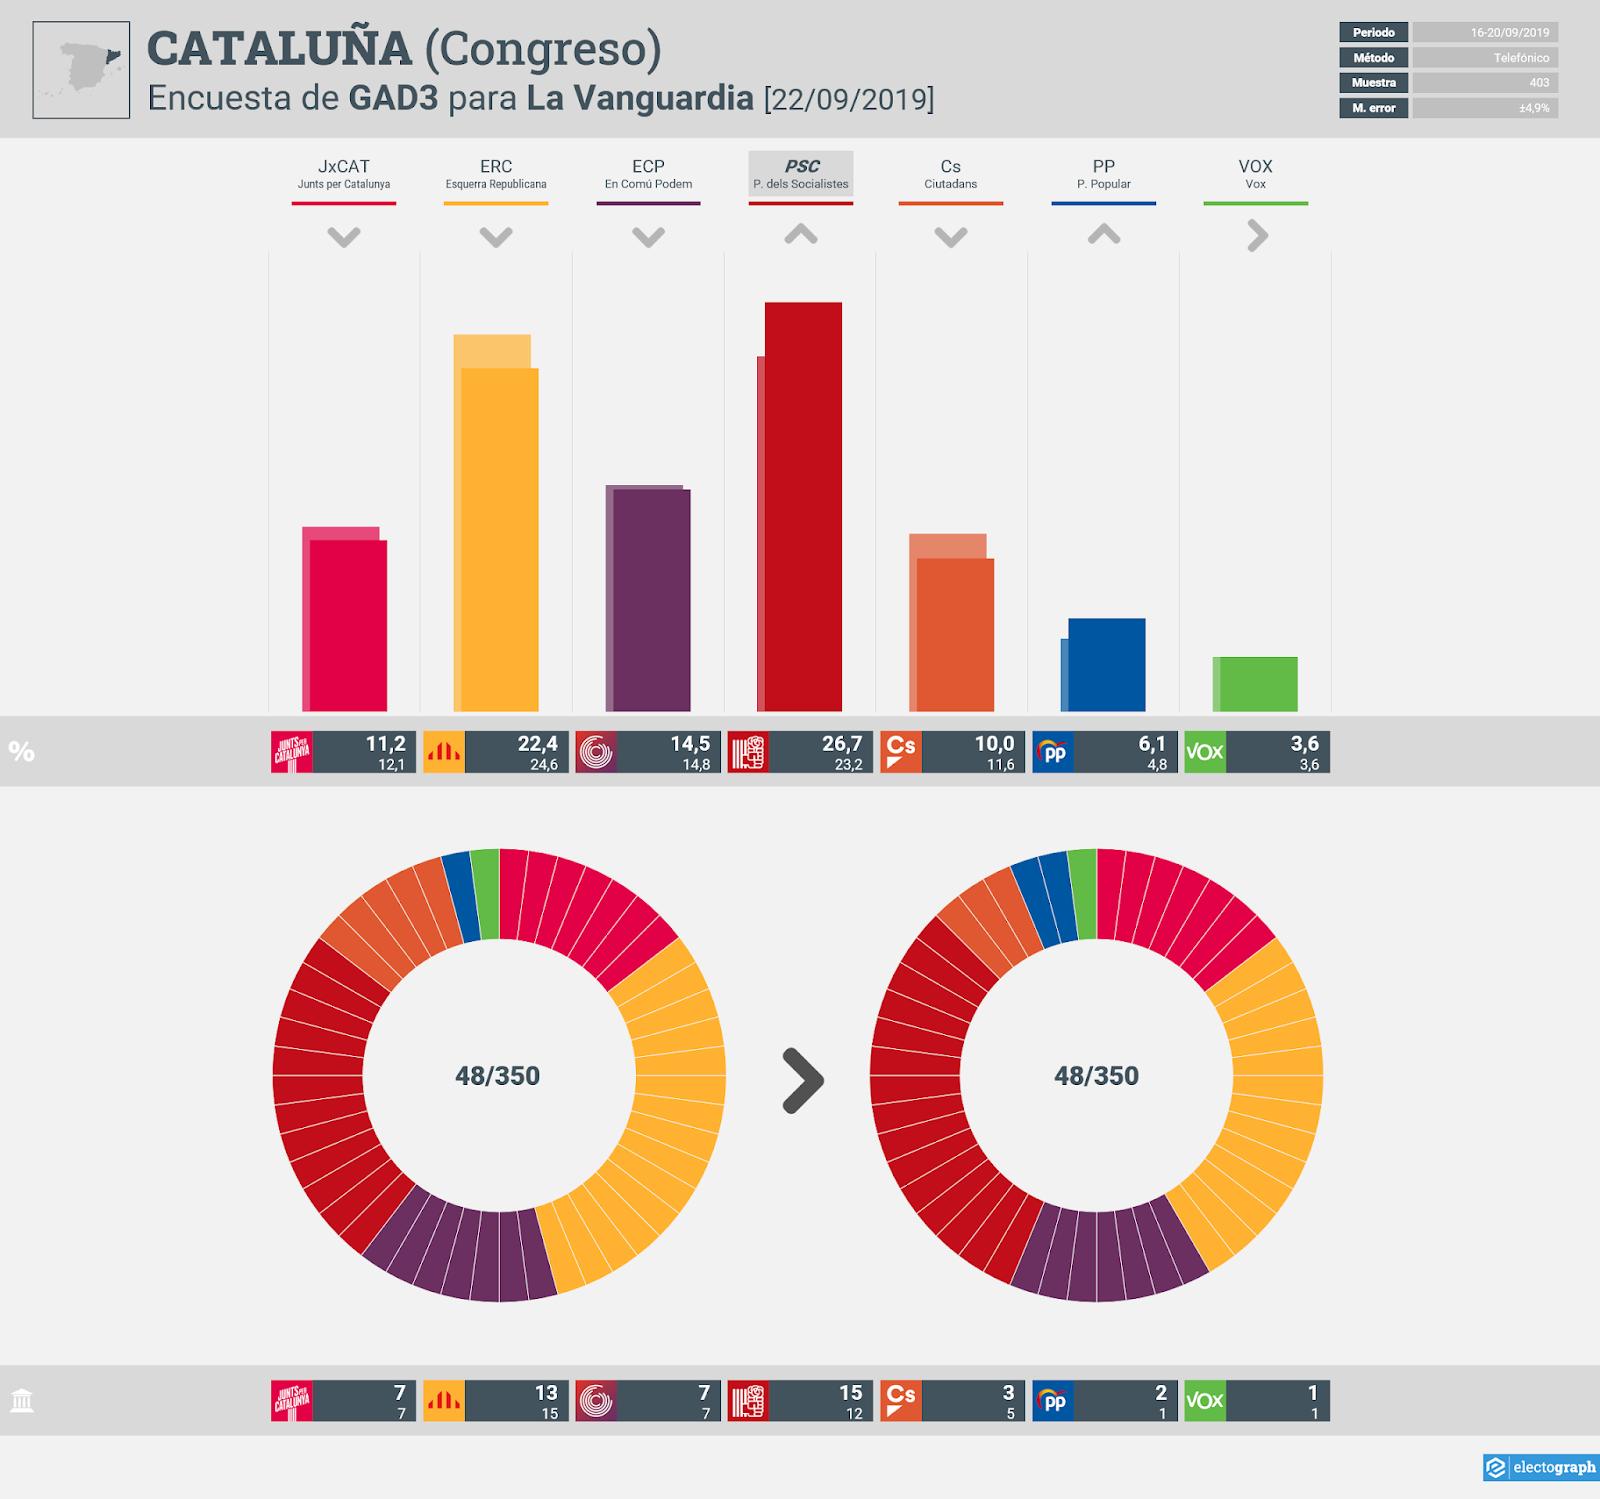 Gráfico de la encuesta para elecciones generales en Cataluña realizada por GAD3 para La Vanguardia, 21 de septiembre de 2019